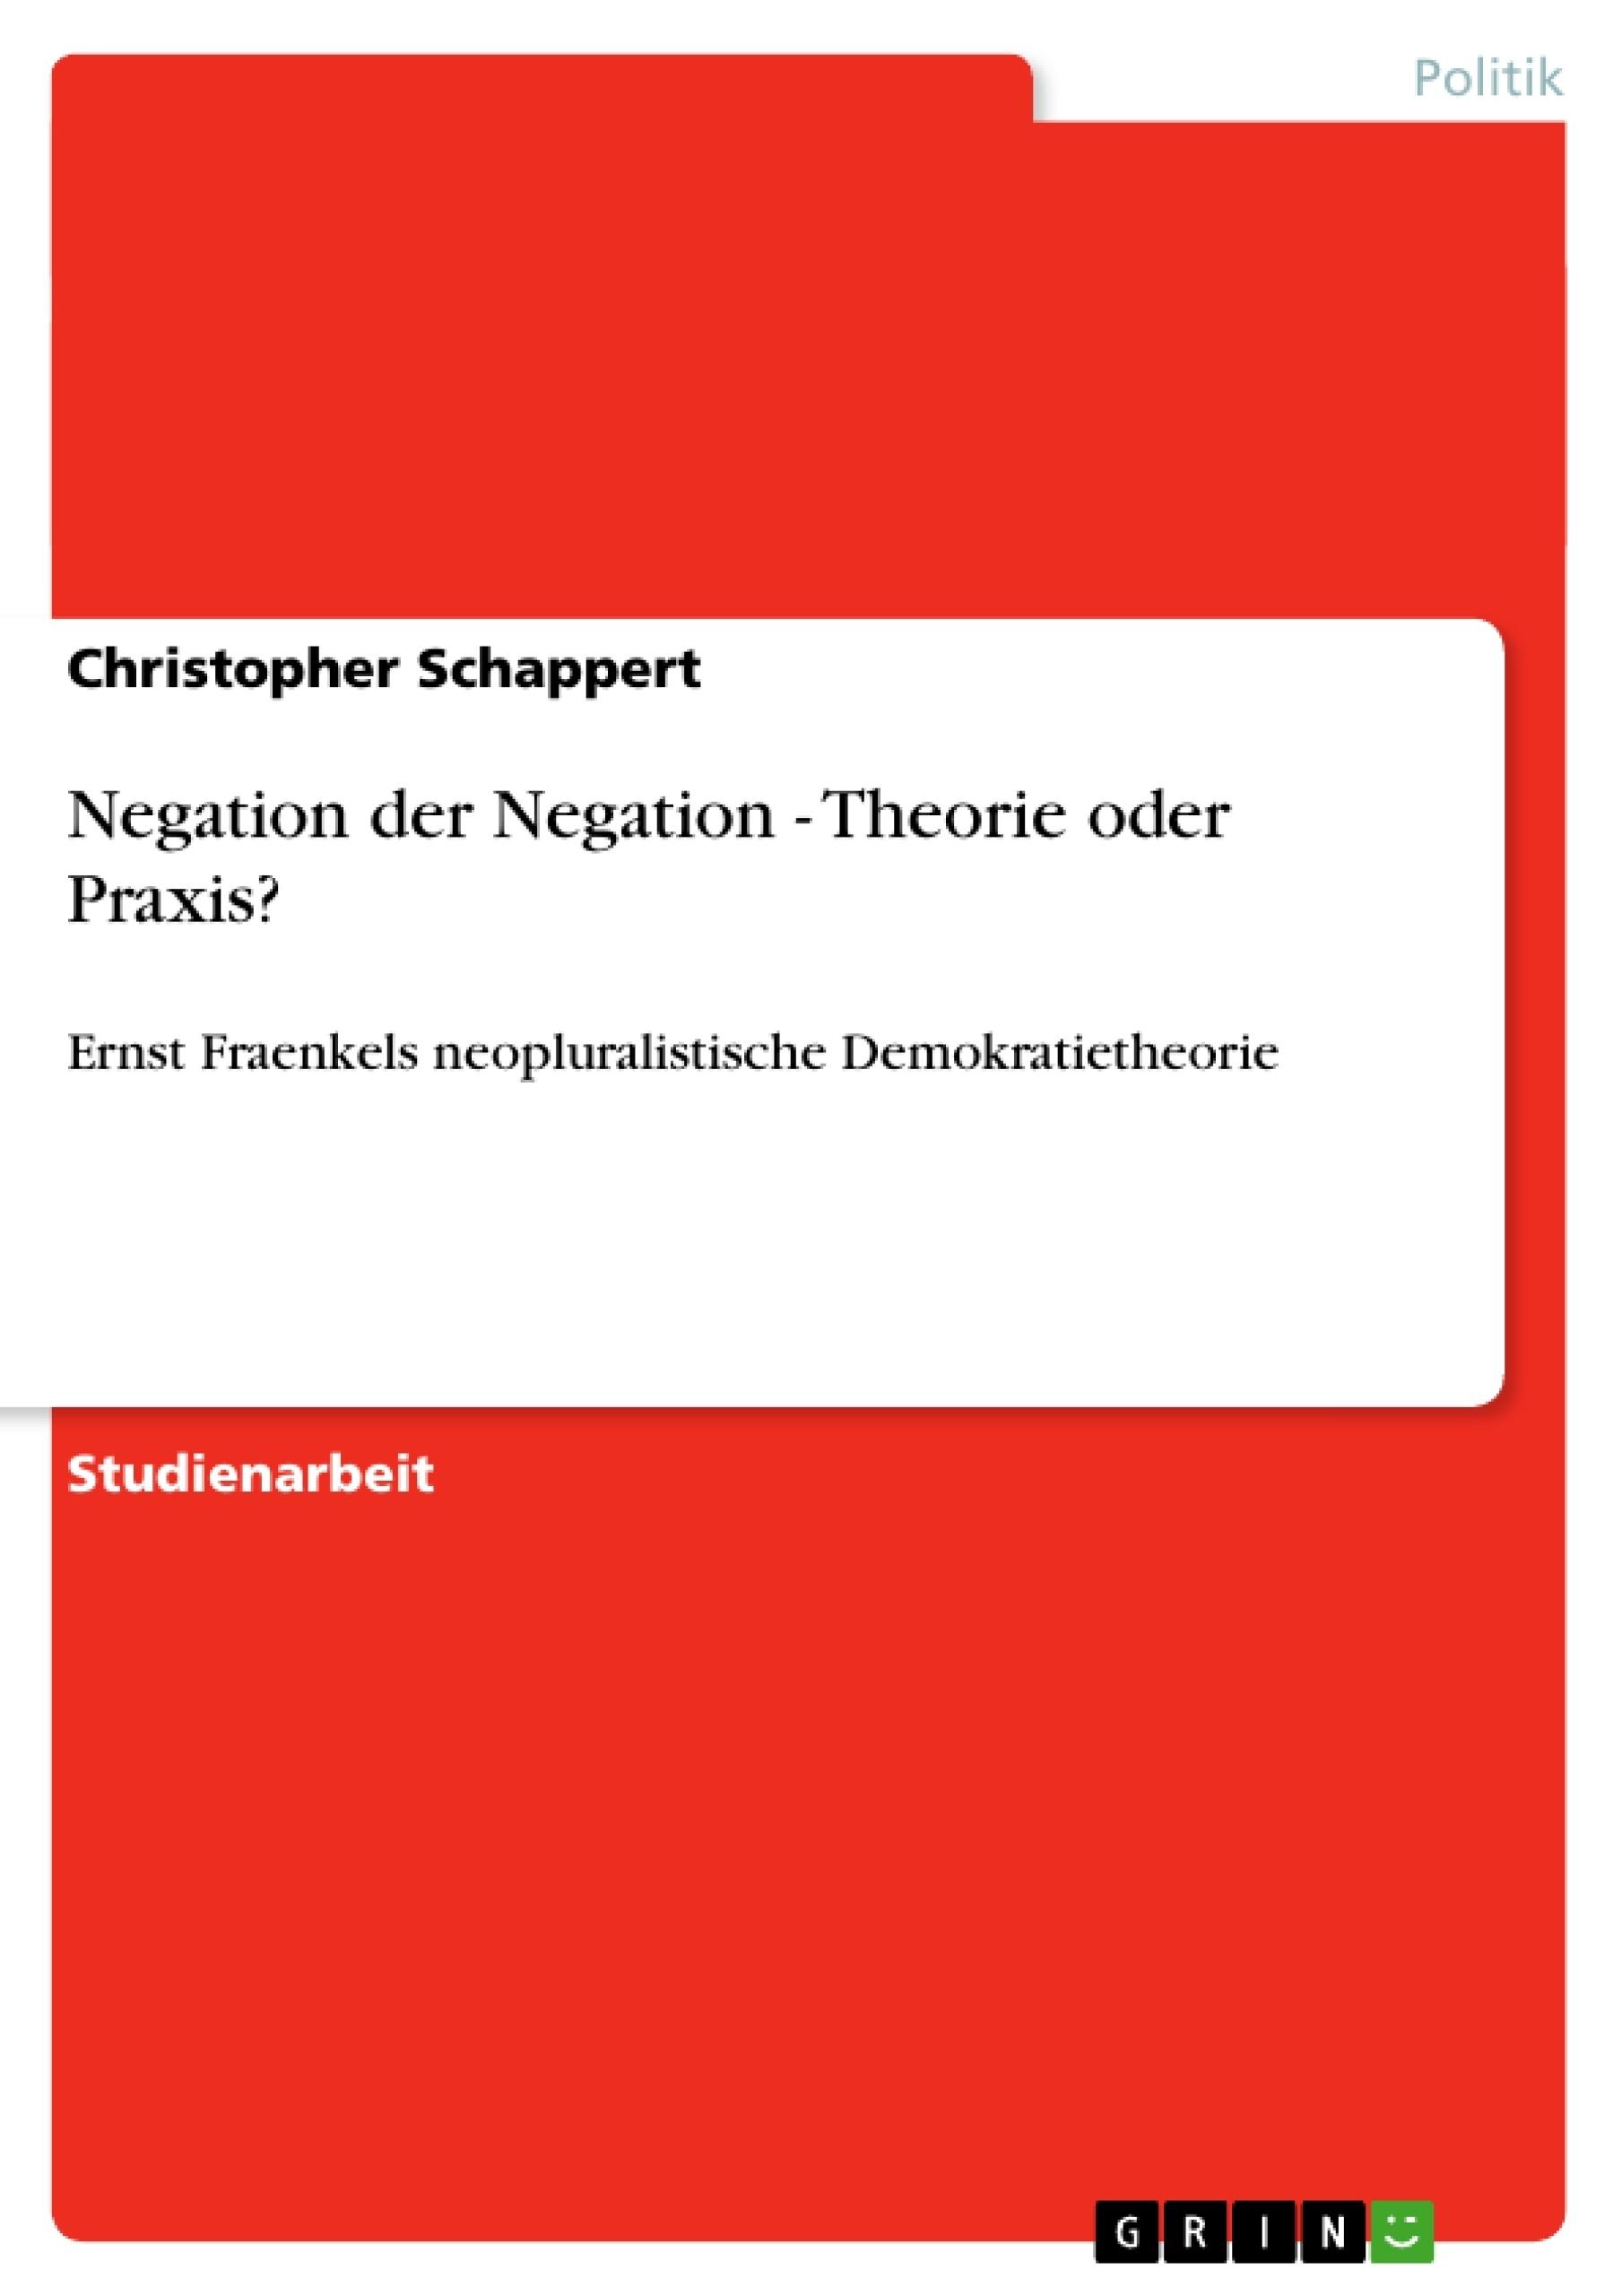 Titel: Negation der Negation - Theorie oder Praxis?